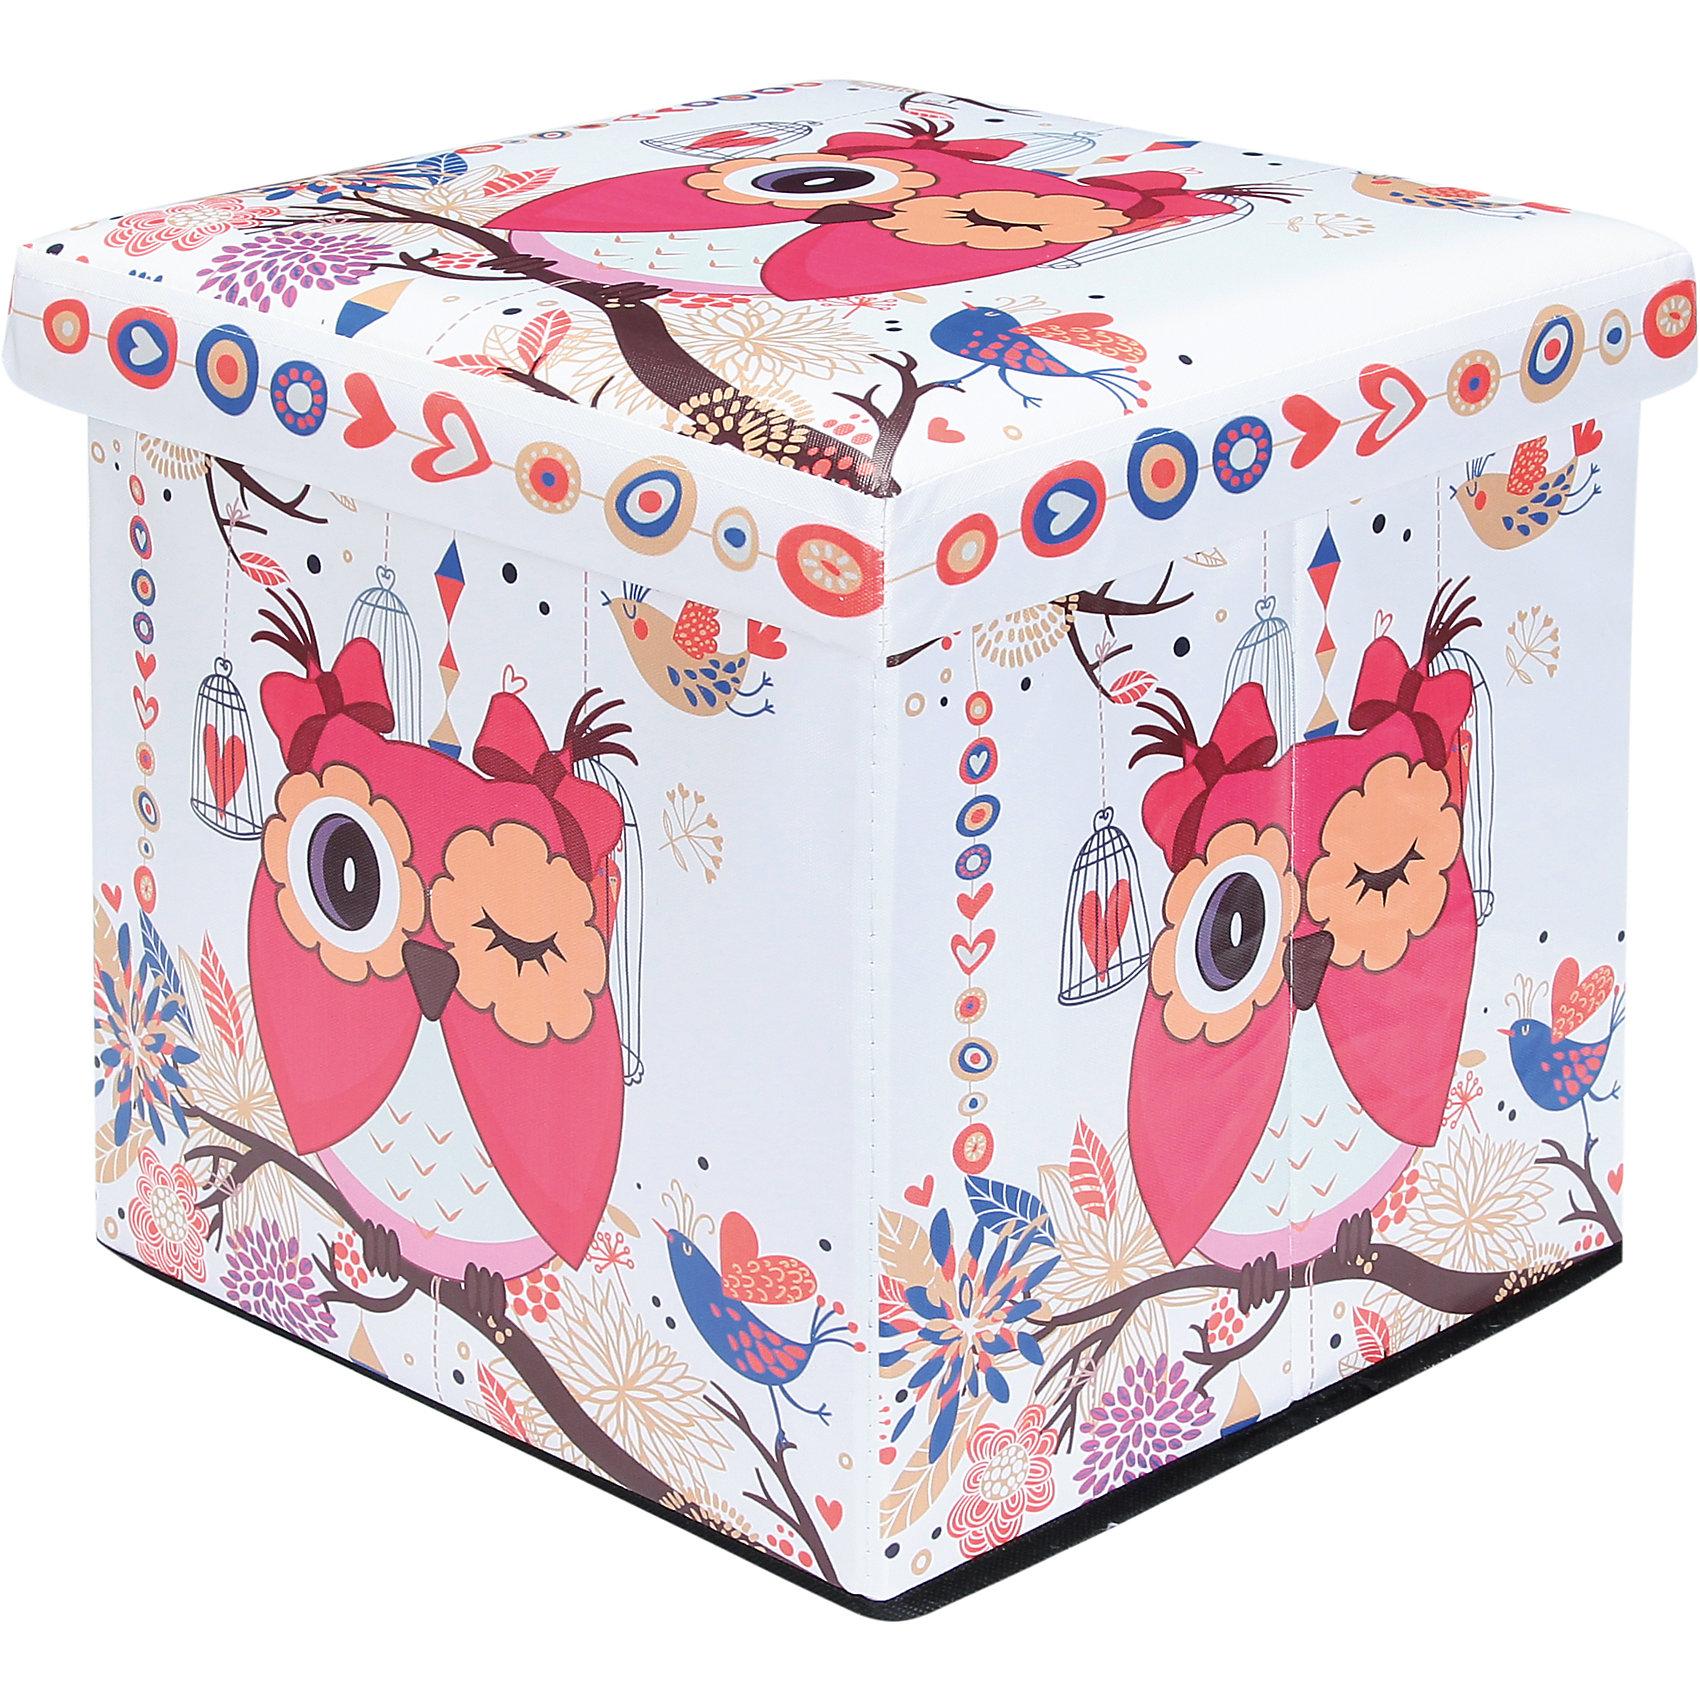 Пуф складной с ящиком для хранения 35*35*35 см. Забавная сова, EL CasaПорядок в детской<br>Характеристики товара:<br><br>• цвет: мульти<br>• материал: МДФ, экокожа<br>• размер: 35 х 35 х 35 см<br>• вес: 1000 г<br>• легко складывается<br>• декорирован принтом<br>• с ящиком для хранения<br>• удобный<br>• вместительный<br>• универсальный размер<br>• страна бренда: Российская Федерация<br>• страна производства: Китай<br><br>Такой пуф - отличный пример красивой и функциональной вещи для любого интерьера. В нем удобной хранить различные мелочи, благодаря универсальному дизайну и расцветке он хорошо будет смотреться в помещении.<br><br>Пуф для хранения может стать отличным приобретением для дома или подарком для любителей красивых оригинальных вещей.<br><br>Бренд EL Casa - это красивые и практичные товары для дома с современным дизайном. Они добавляют в жильё уюта и комфорта! <br><br>Пуф складной с ящиком для хранения 35*35*35 см. Забавная сова, EL Casa можно купить в нашем интернет-магазине.<br><br>Ширина мм: 350<br>Глубина мм: 350<br>Высота мм: 50<br>Вес г: 2050<br>Возраст от месяцев: 0<br>Возраст до месяцев: 1188<br>Пол: Унисекс<br>Возраст: Детский<br>SKU: 6668679